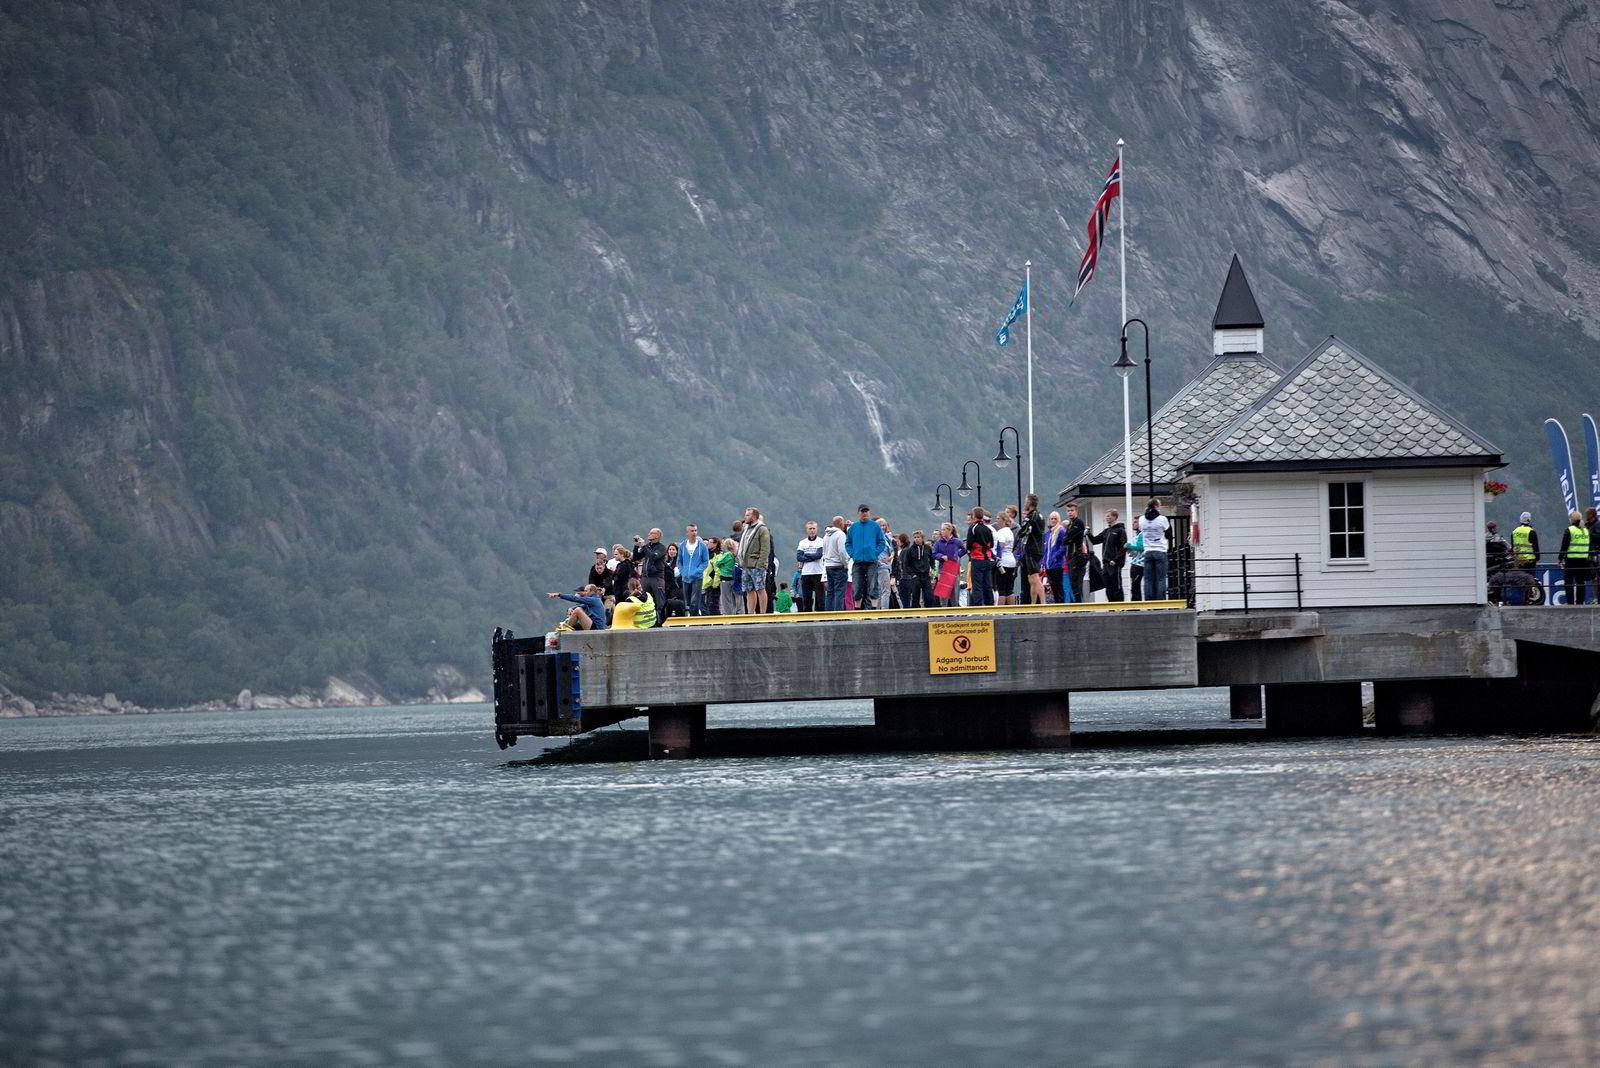 Like før klokka 0600 er cruisekaien full av skuelystne som venter på de første svømmerne.